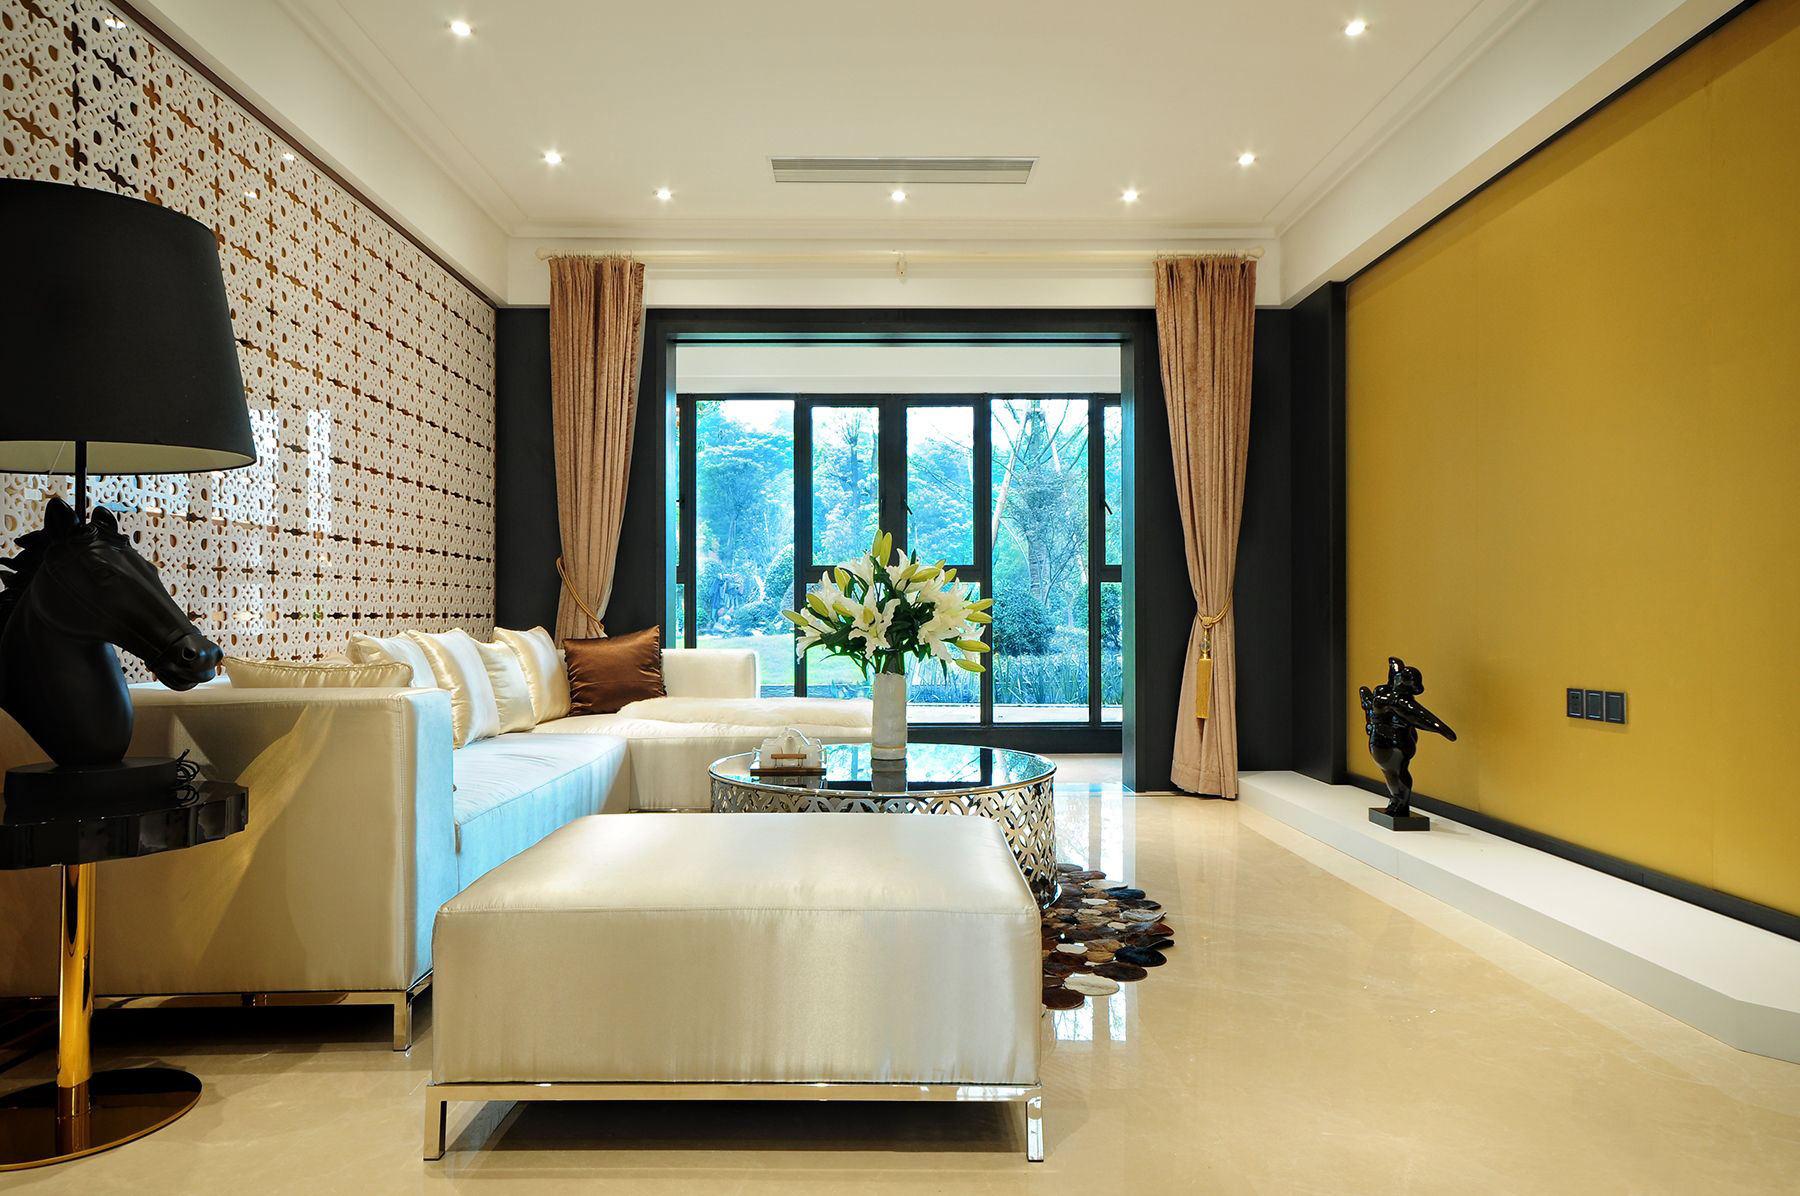 东南亚风格客厅装潢效果图